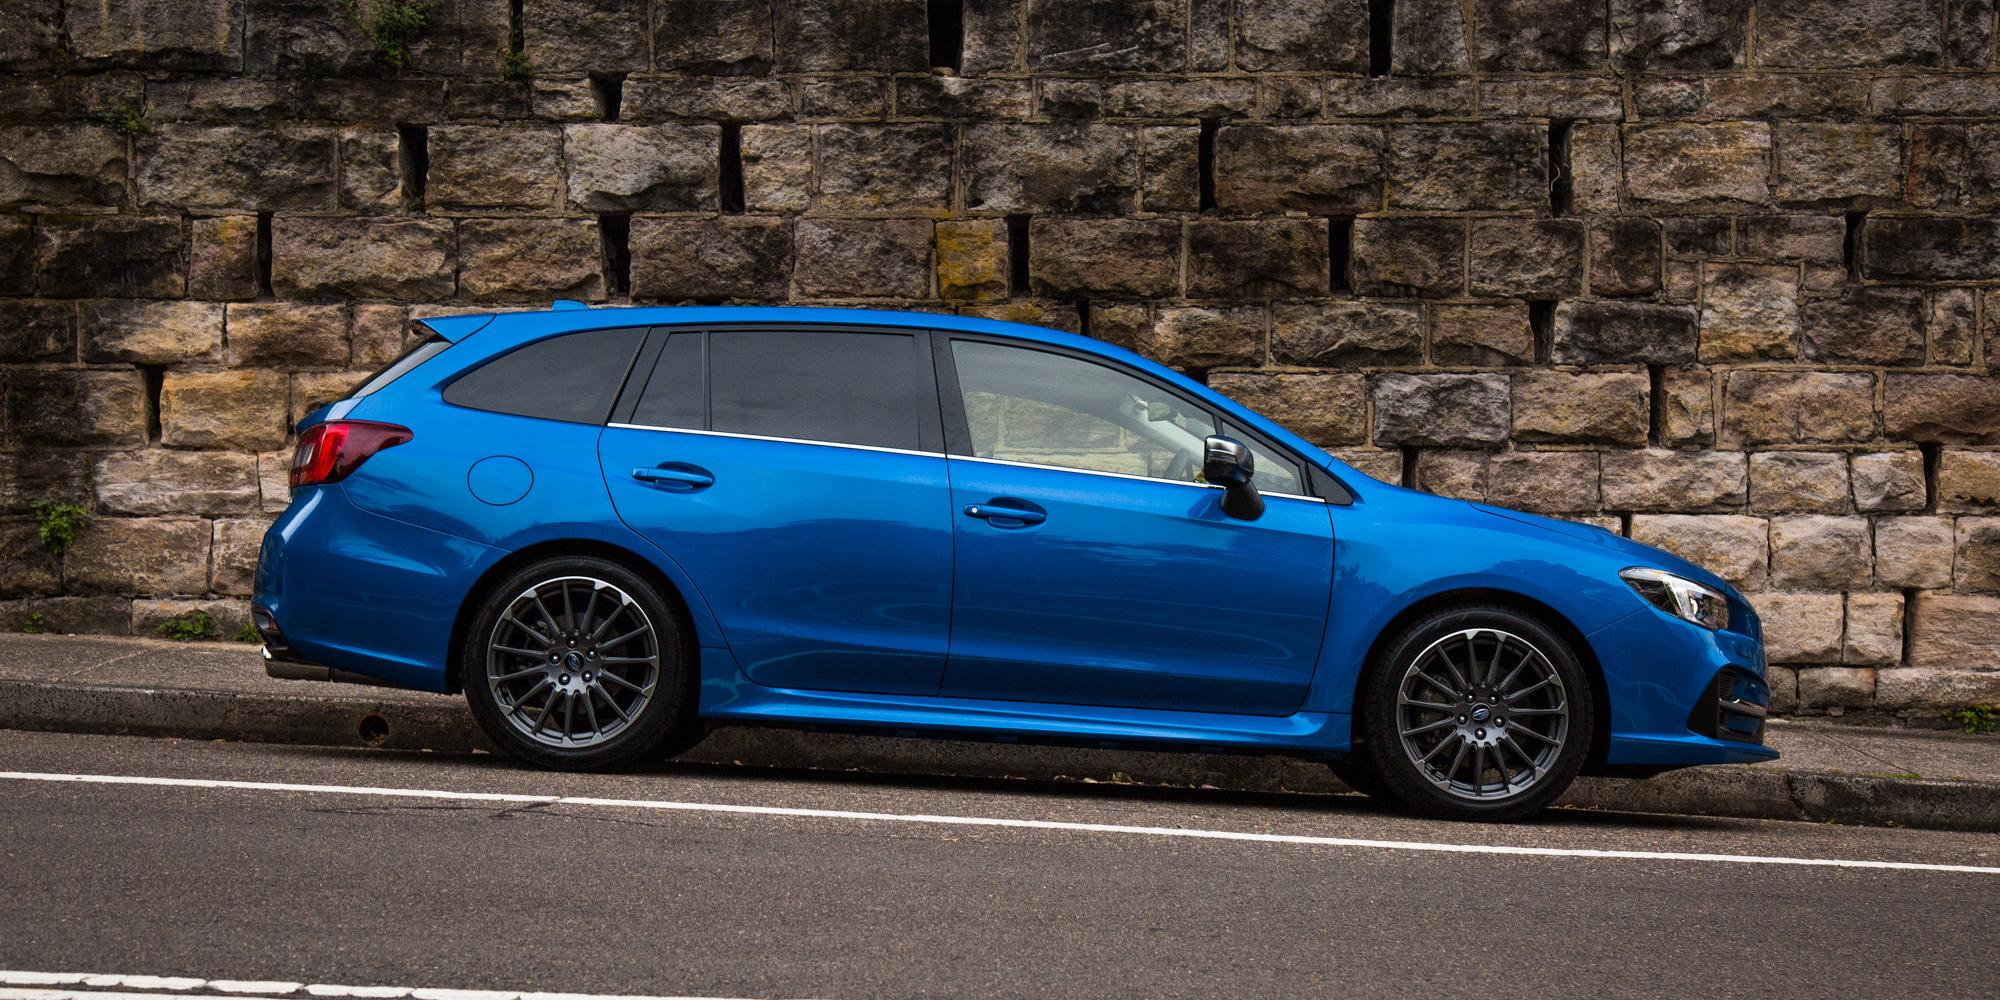 2018 Subaru Levorg 2 0 STI Sport review   CarAdvice